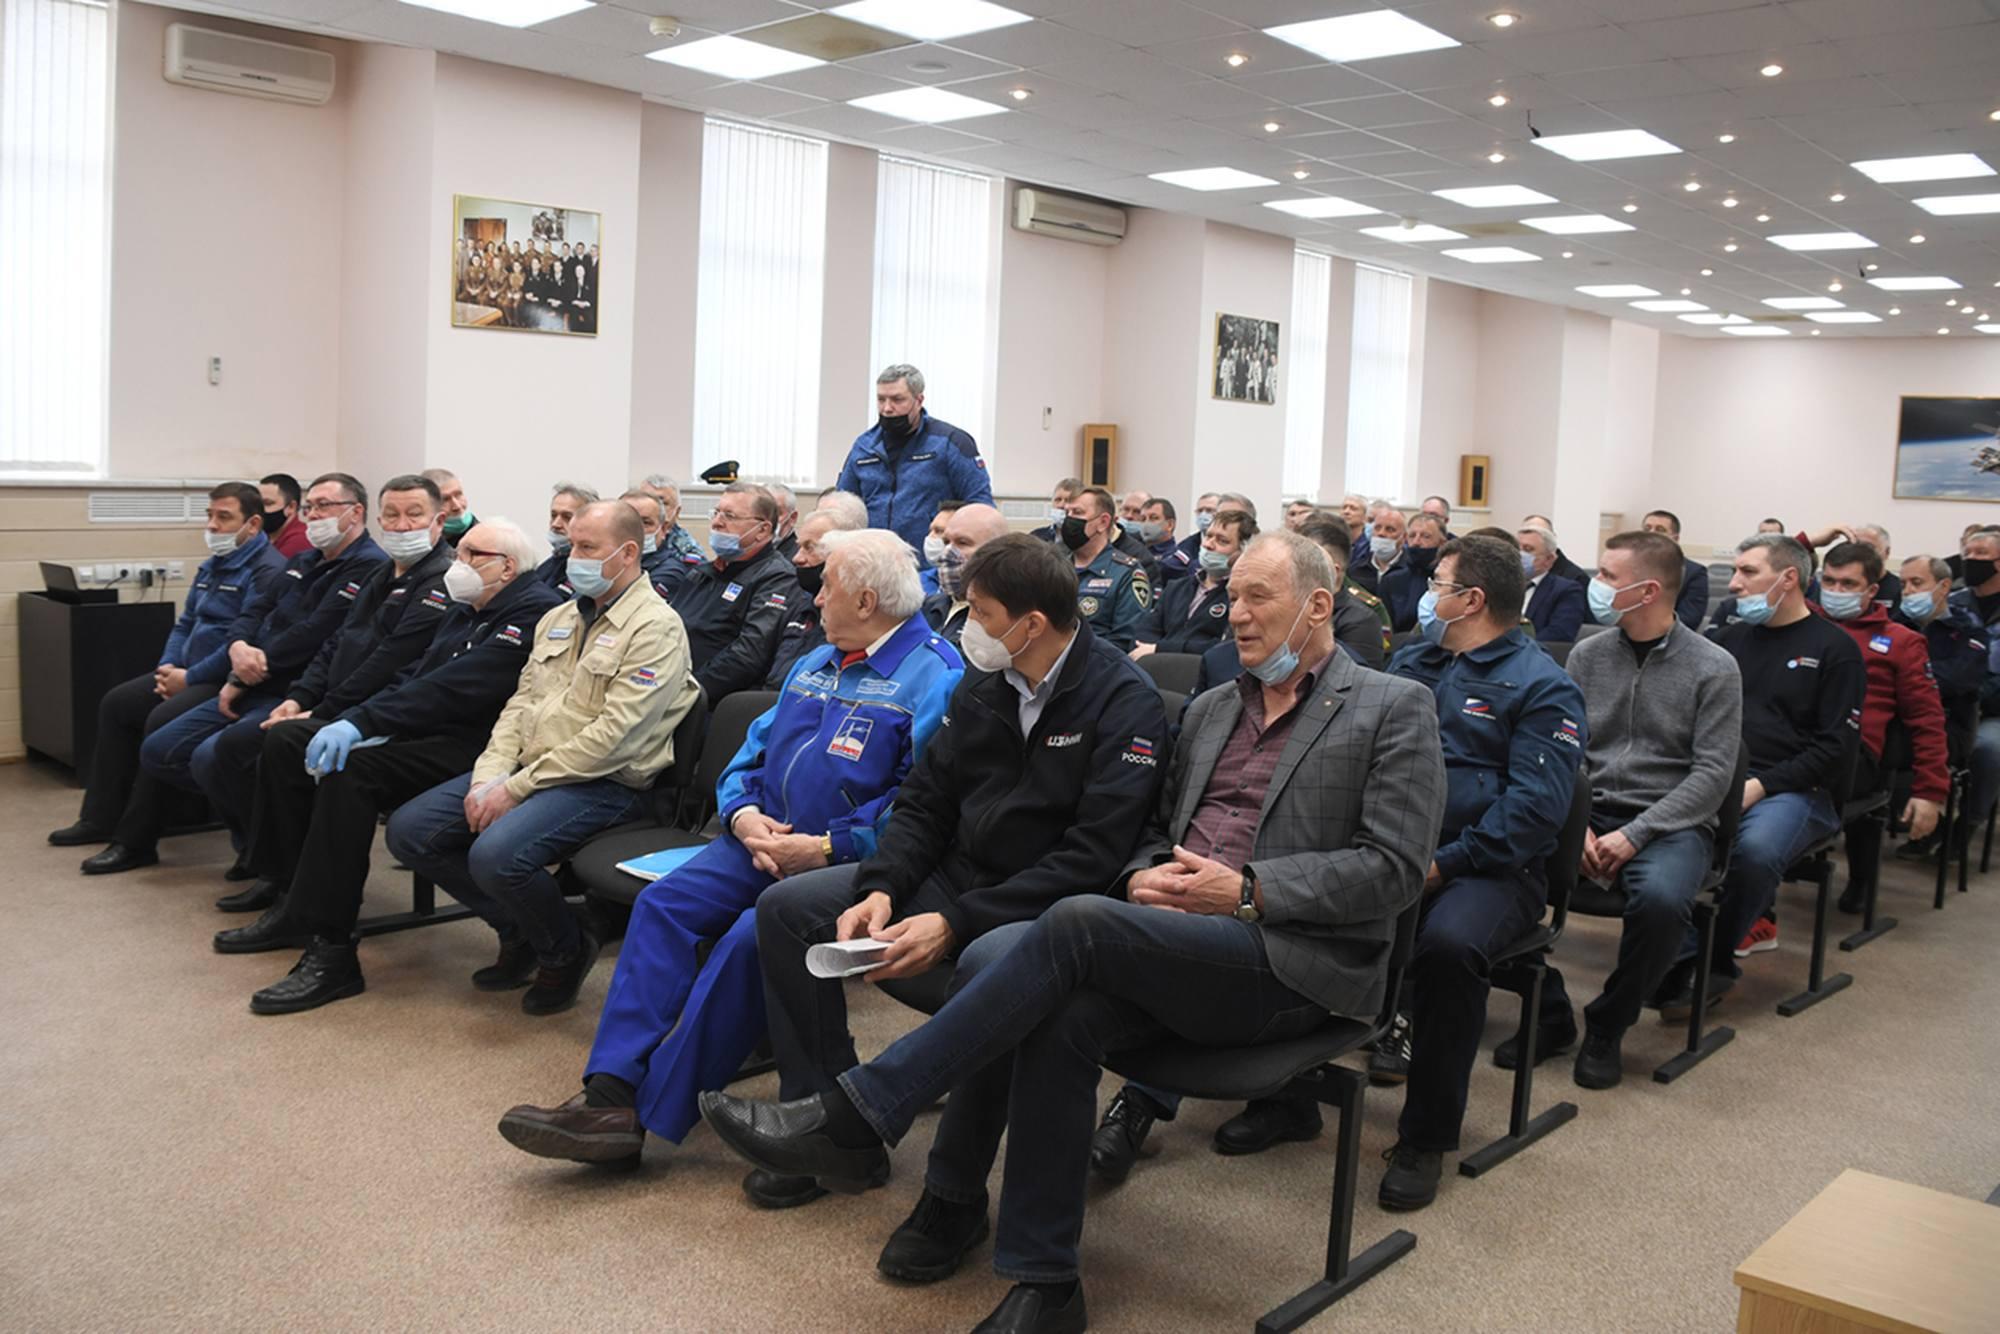 La salle avec l'assitance à la réunion. On note la présence du Directeur du Cosmodrome de Baïkour et du DG du TsENKI.